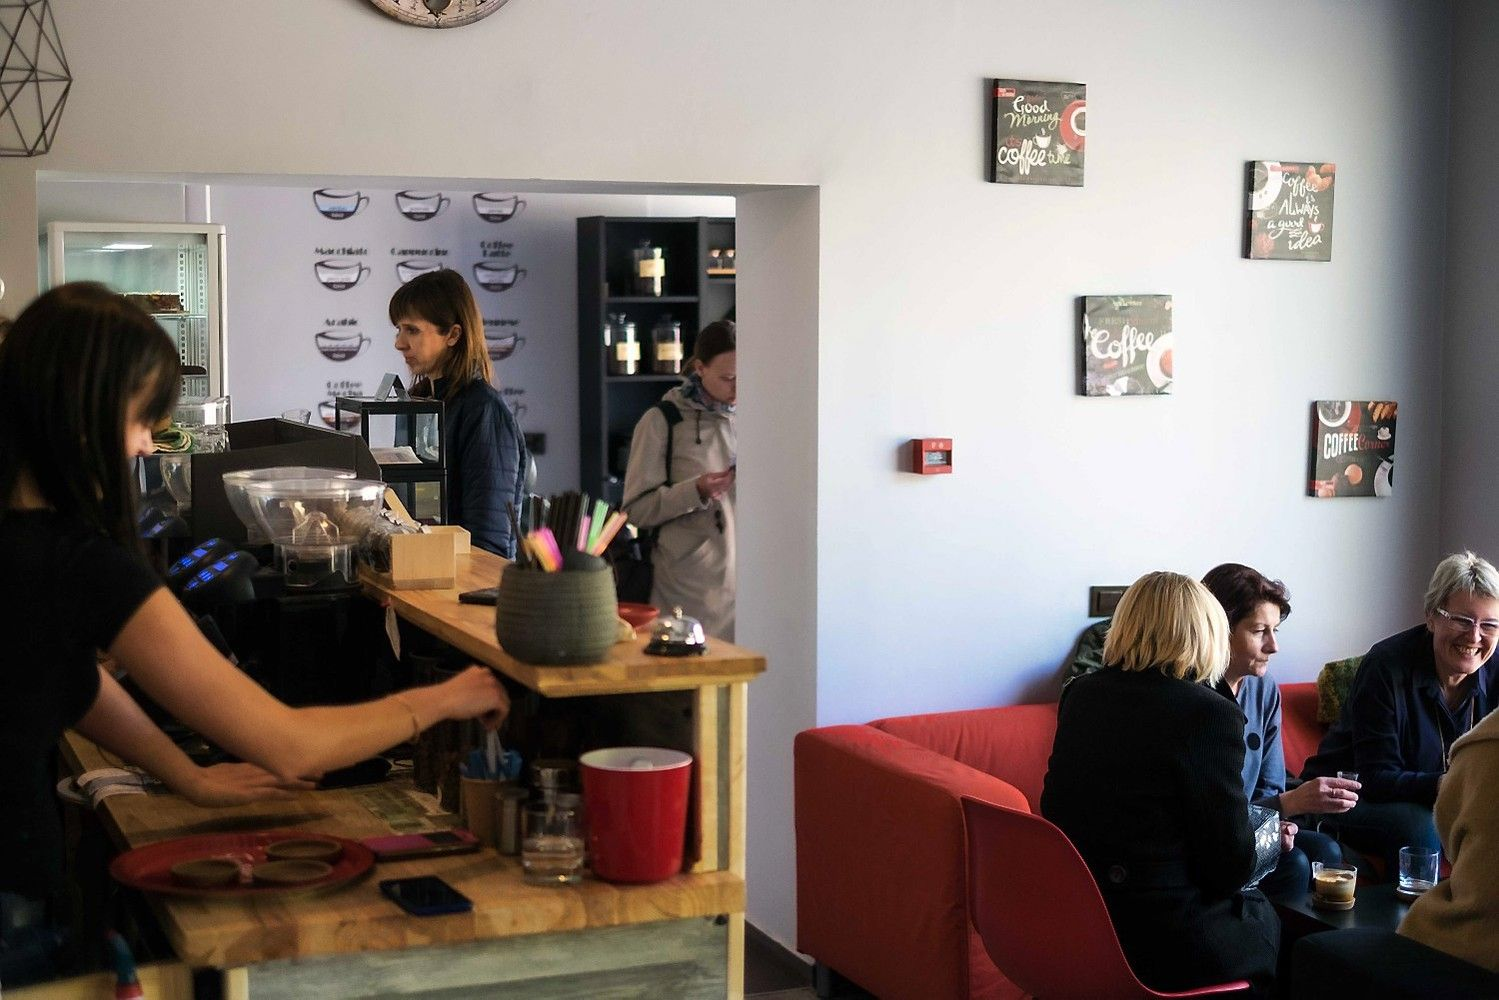 Kavinė be savo kavos aparato pelną skynė jau pirmą mėnesį